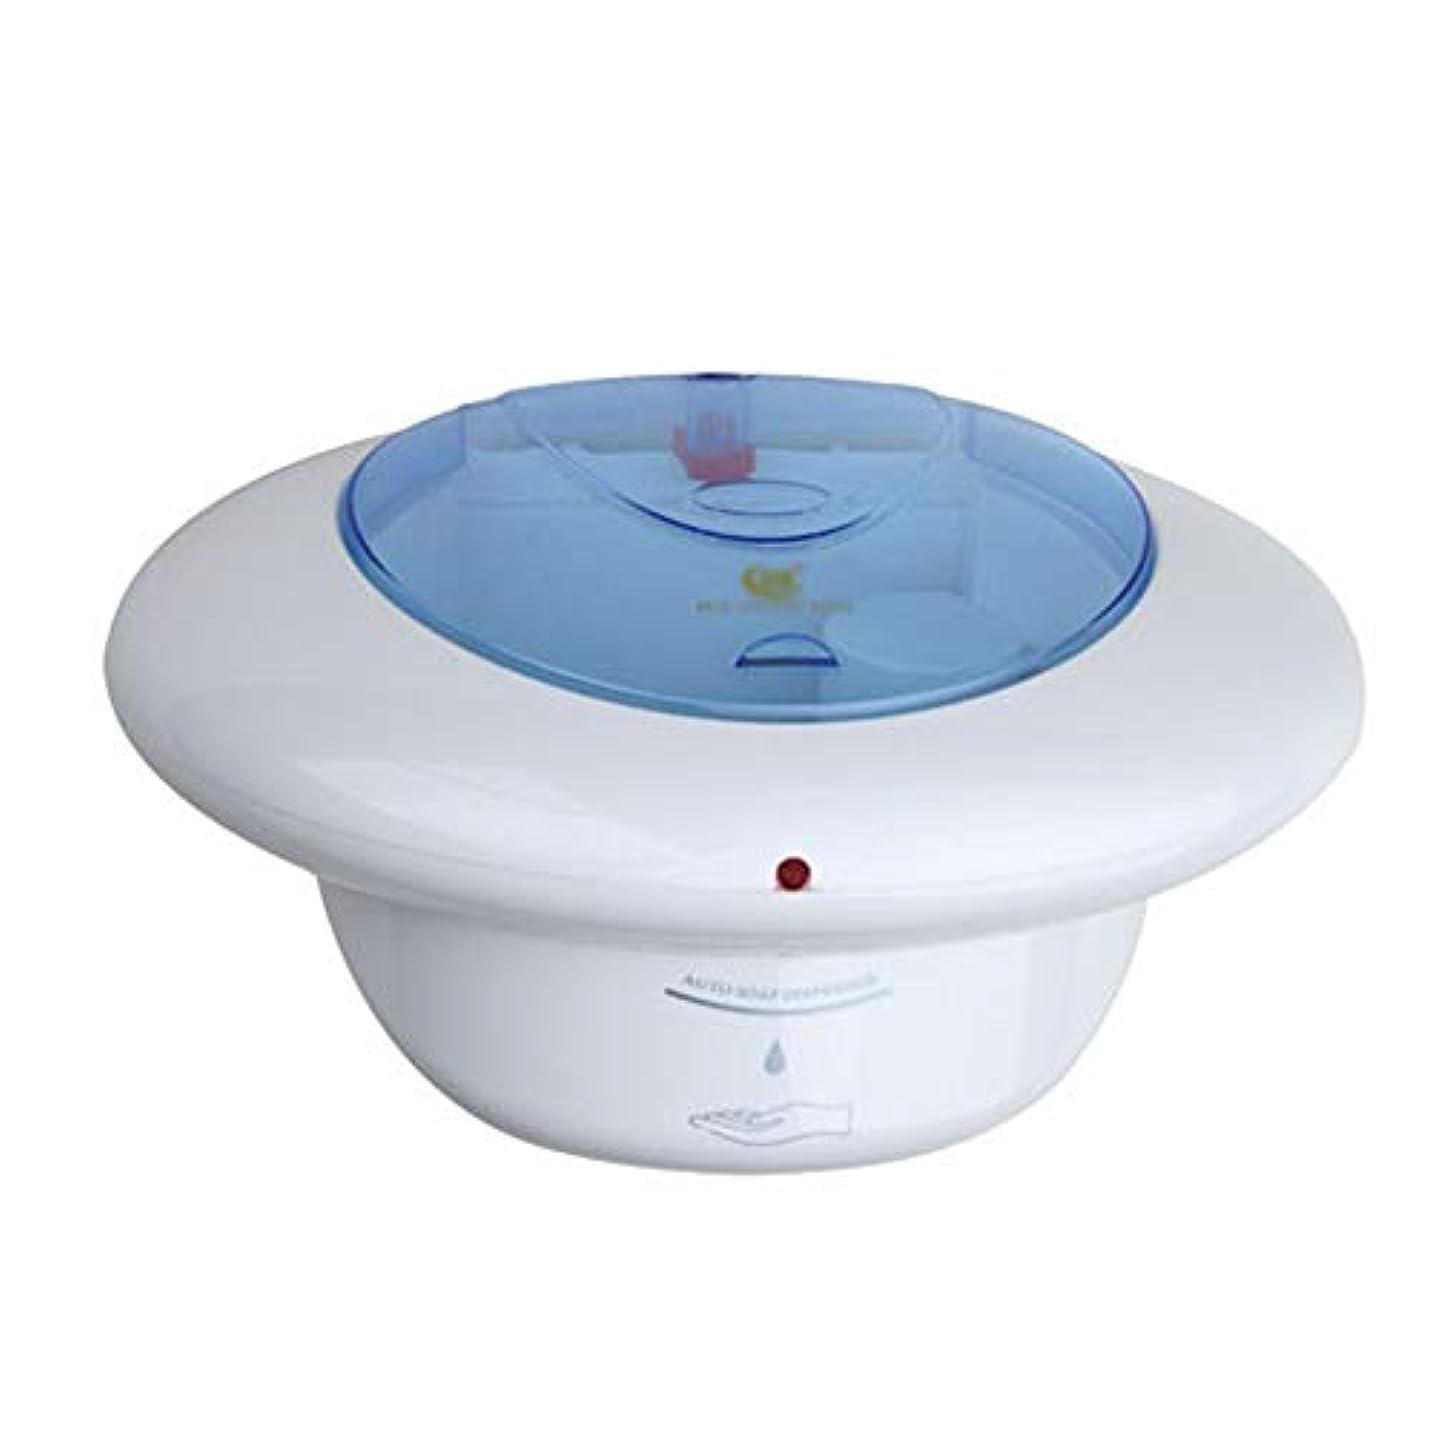 高揚した暫定教ソープディスペンサー 700mlの容量赤外線検出壁掛け自動ソープディスペンサー ハンドソープ 食器用洗剤 キッチン 洗面所などに適用 (Color : White, Size : One size)